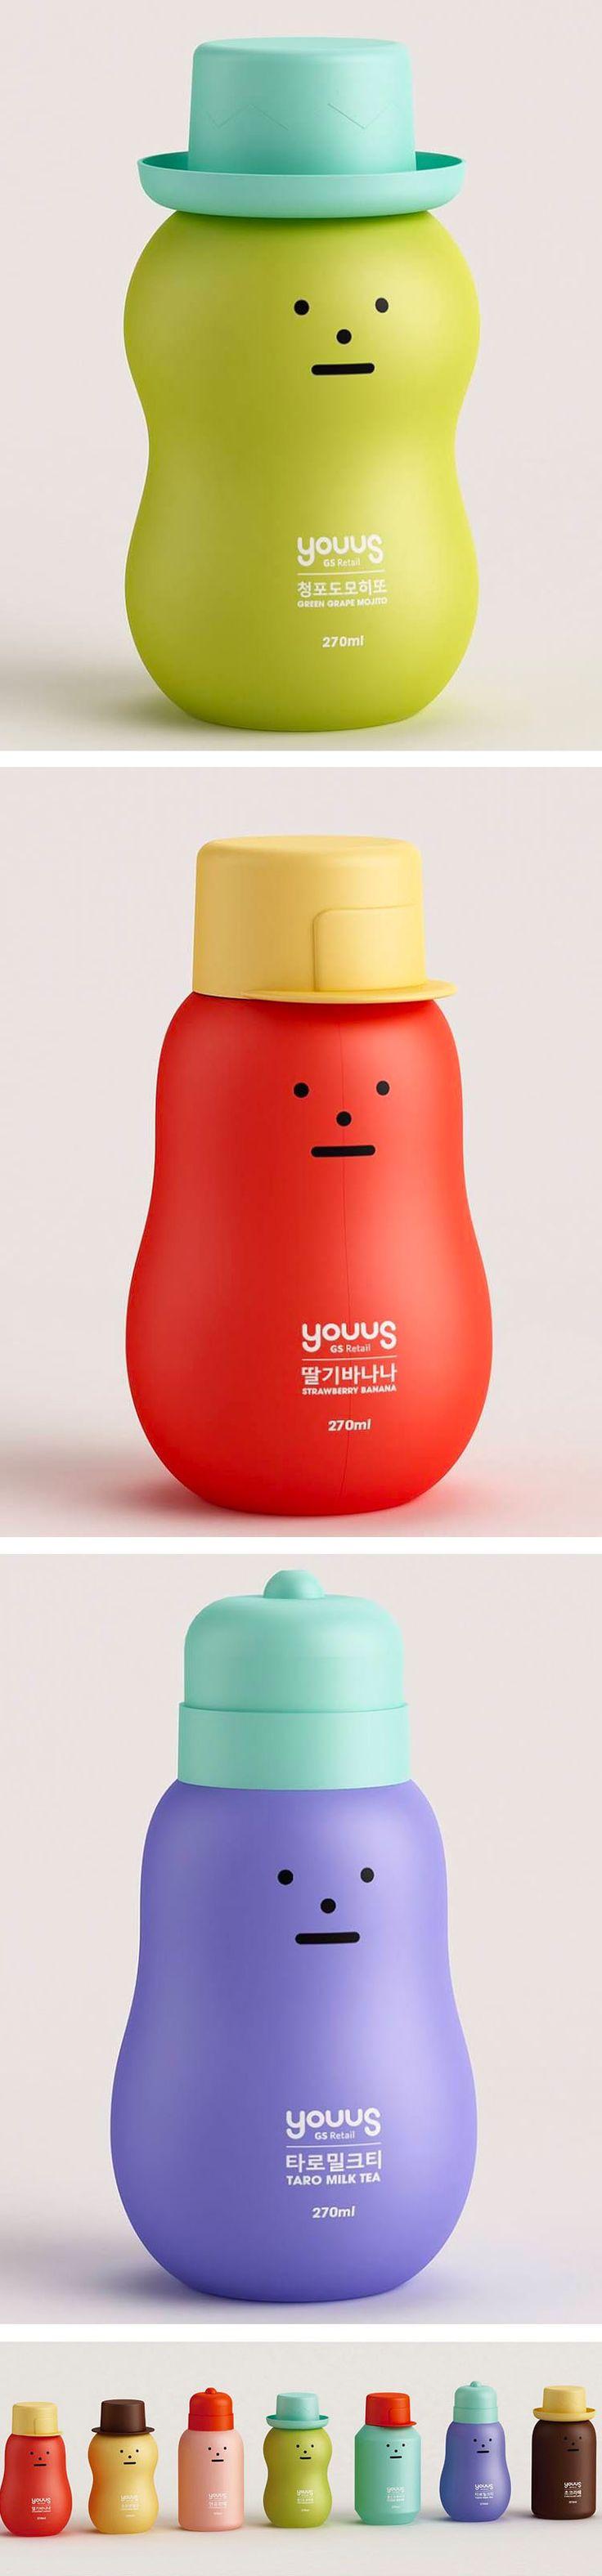 L o v e ! Sticky Monster bottles packaging design @forpackad